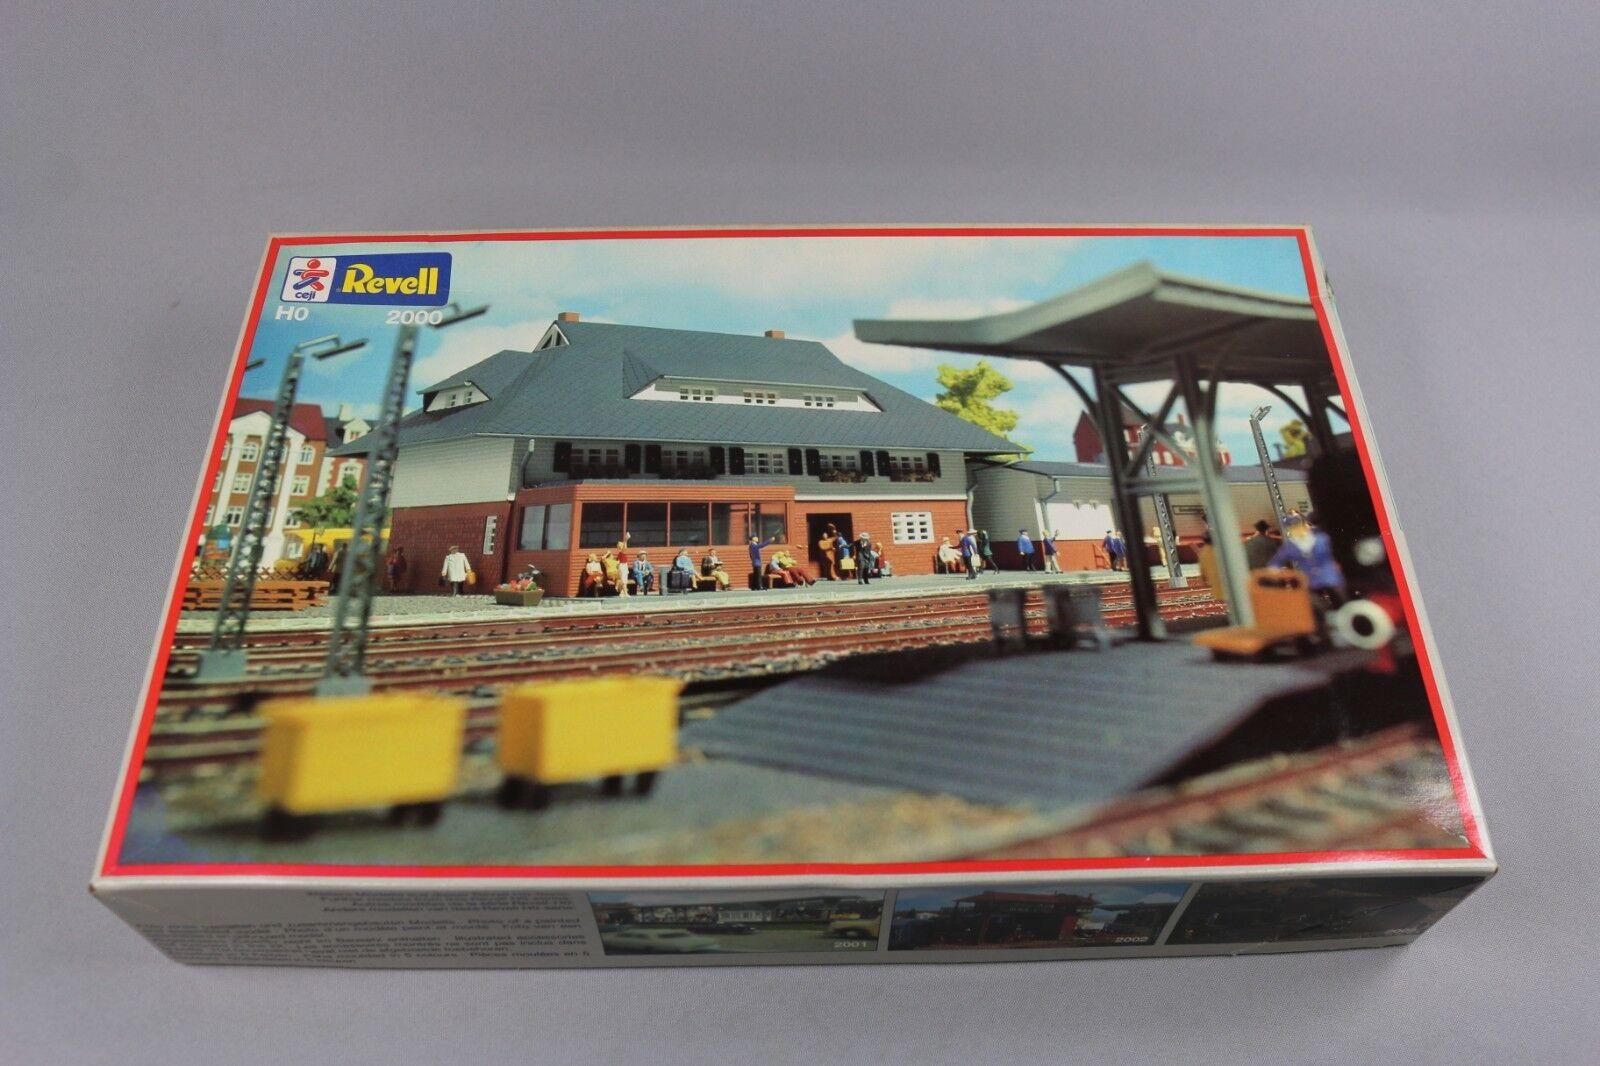 Zf1394 Revell Revell Revell Ho 1 87 Modellino Ferroviaire 2000 Stazione Piccolo Villaggio 0cabd7